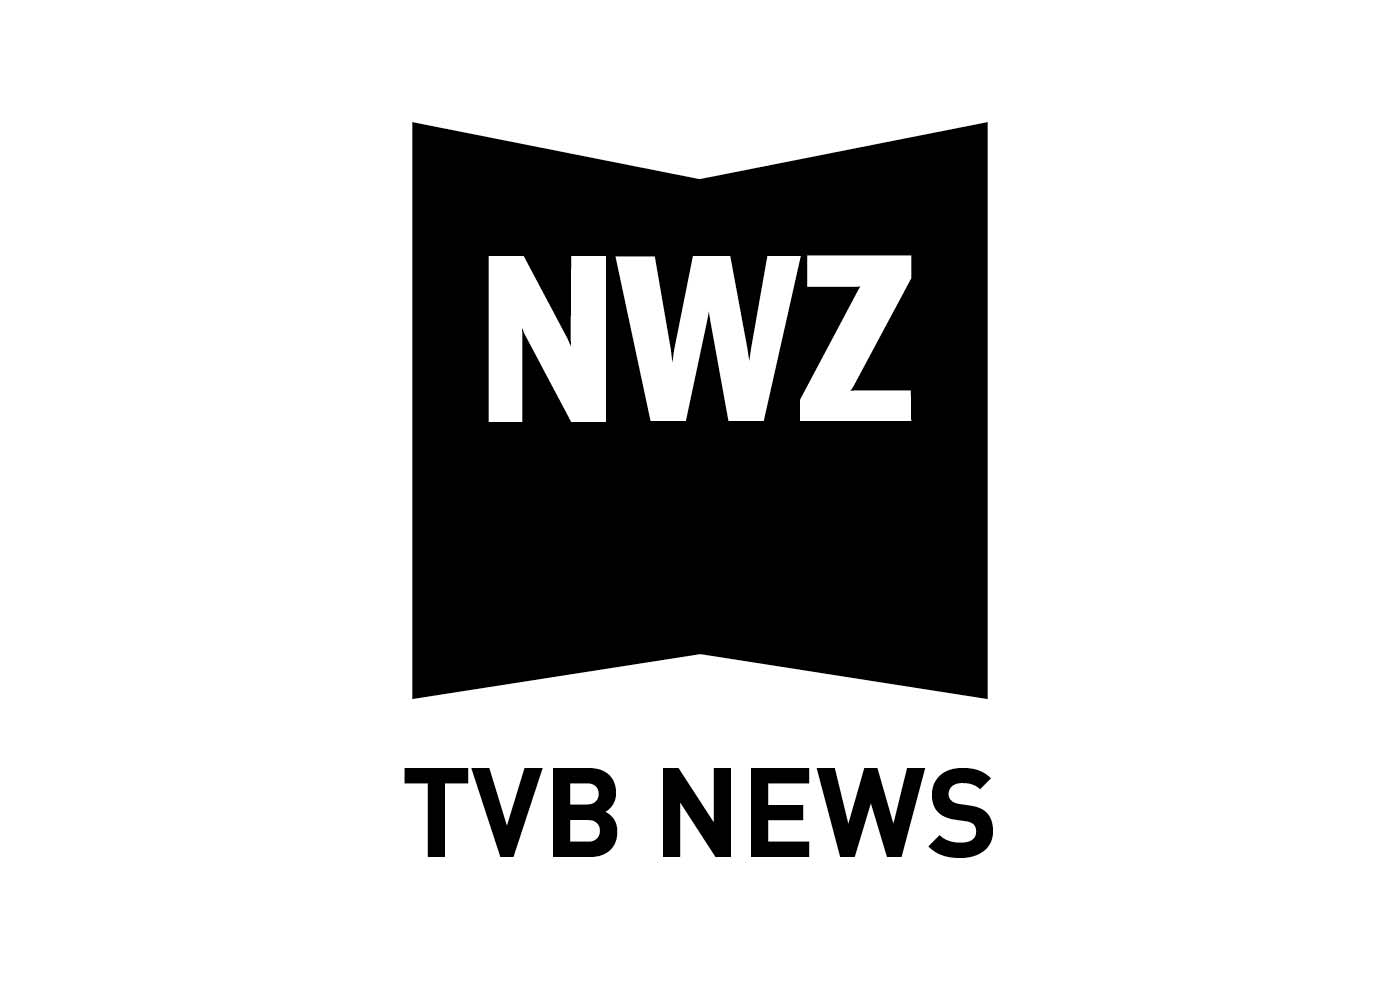 TVB-NEWS-NWZ